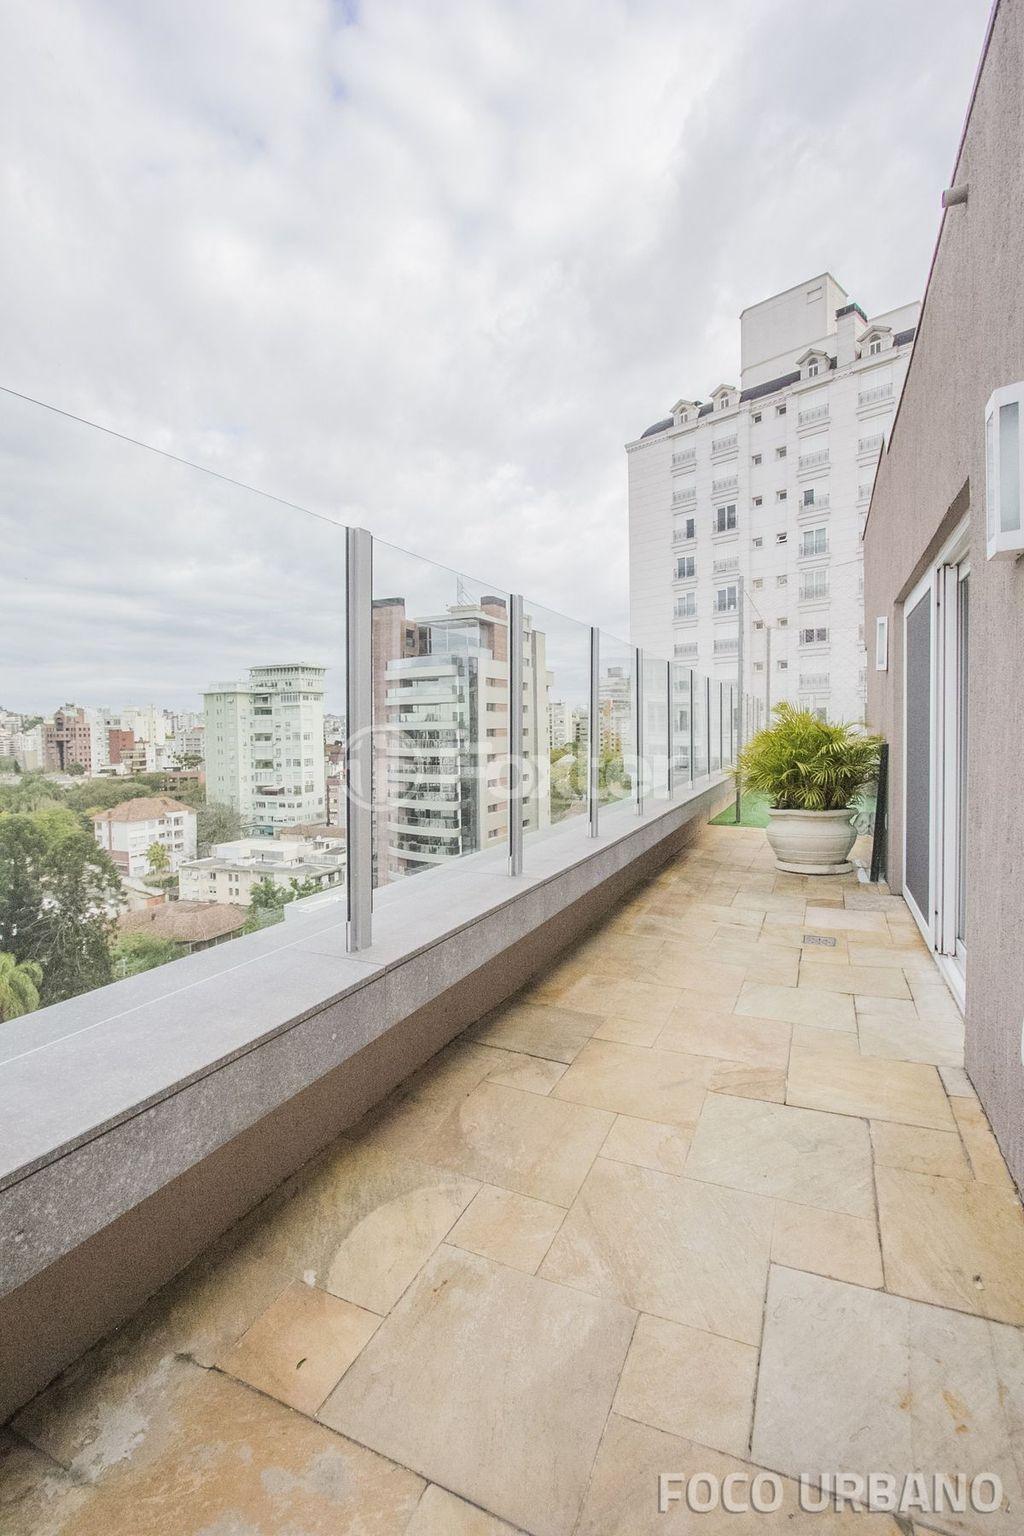 Cobertura 3 Dorm, Moinhos de Vento, Porto Alegre (148051) - Foto 41